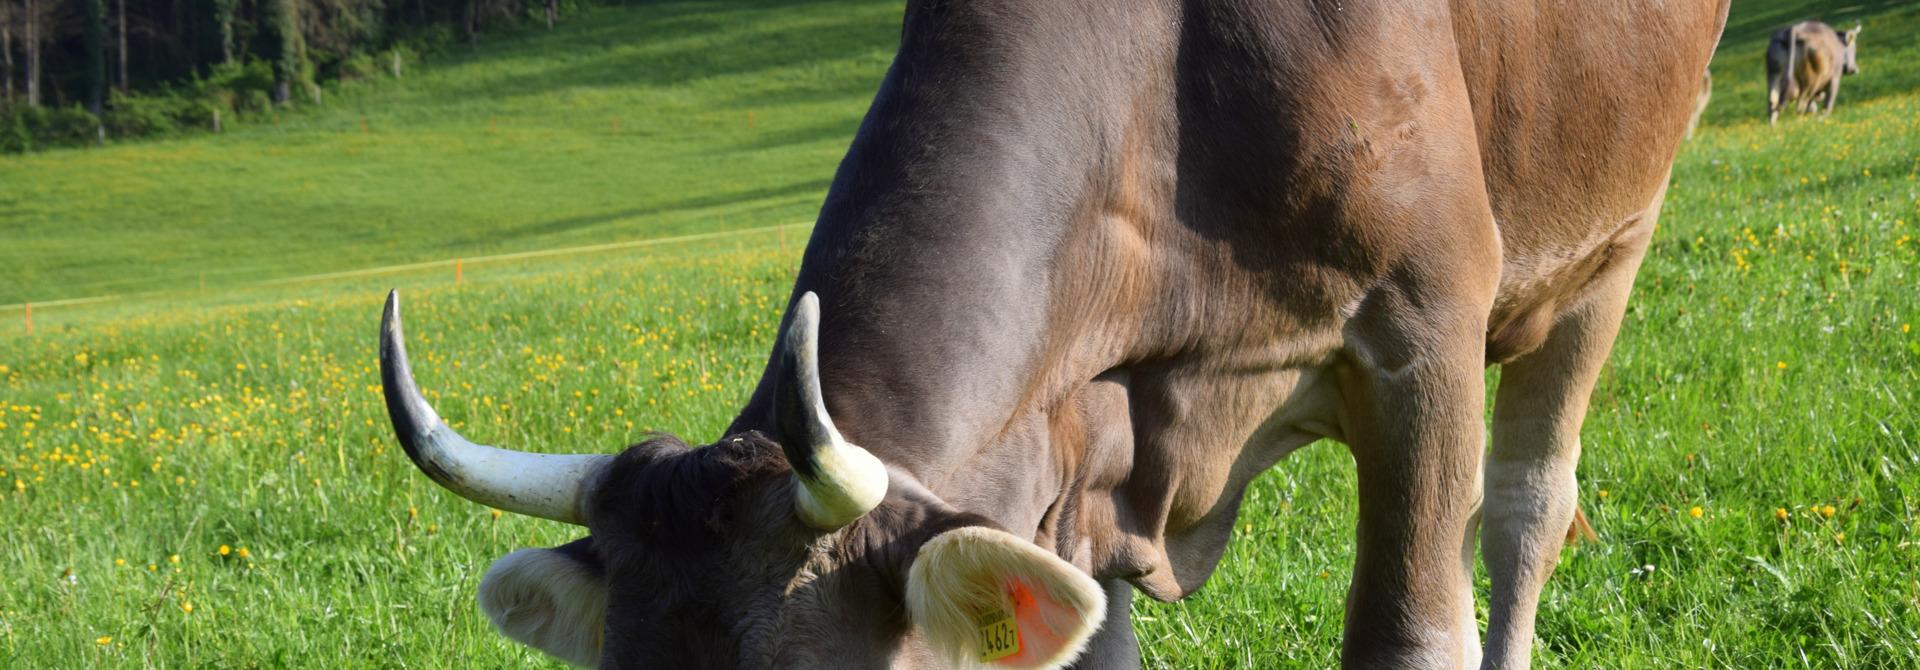 Kuh auf der Weide>